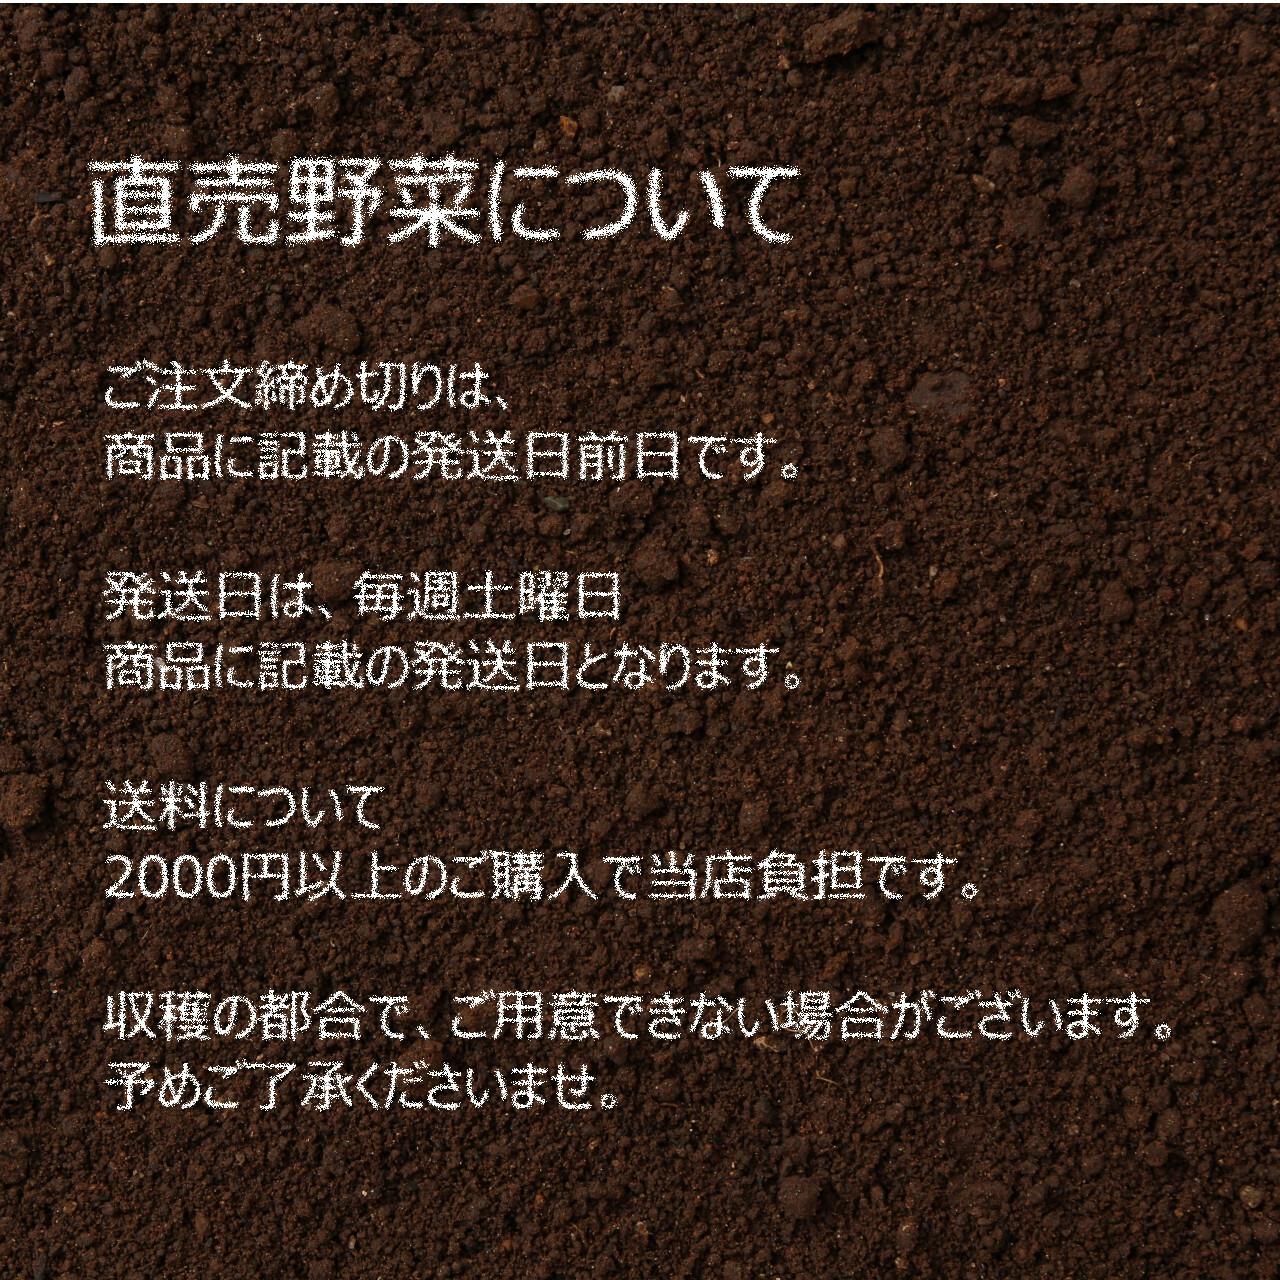 春の新鮮野菜 インゲン 100g: 5月の朝採り直売野菜  5月30日発送予定